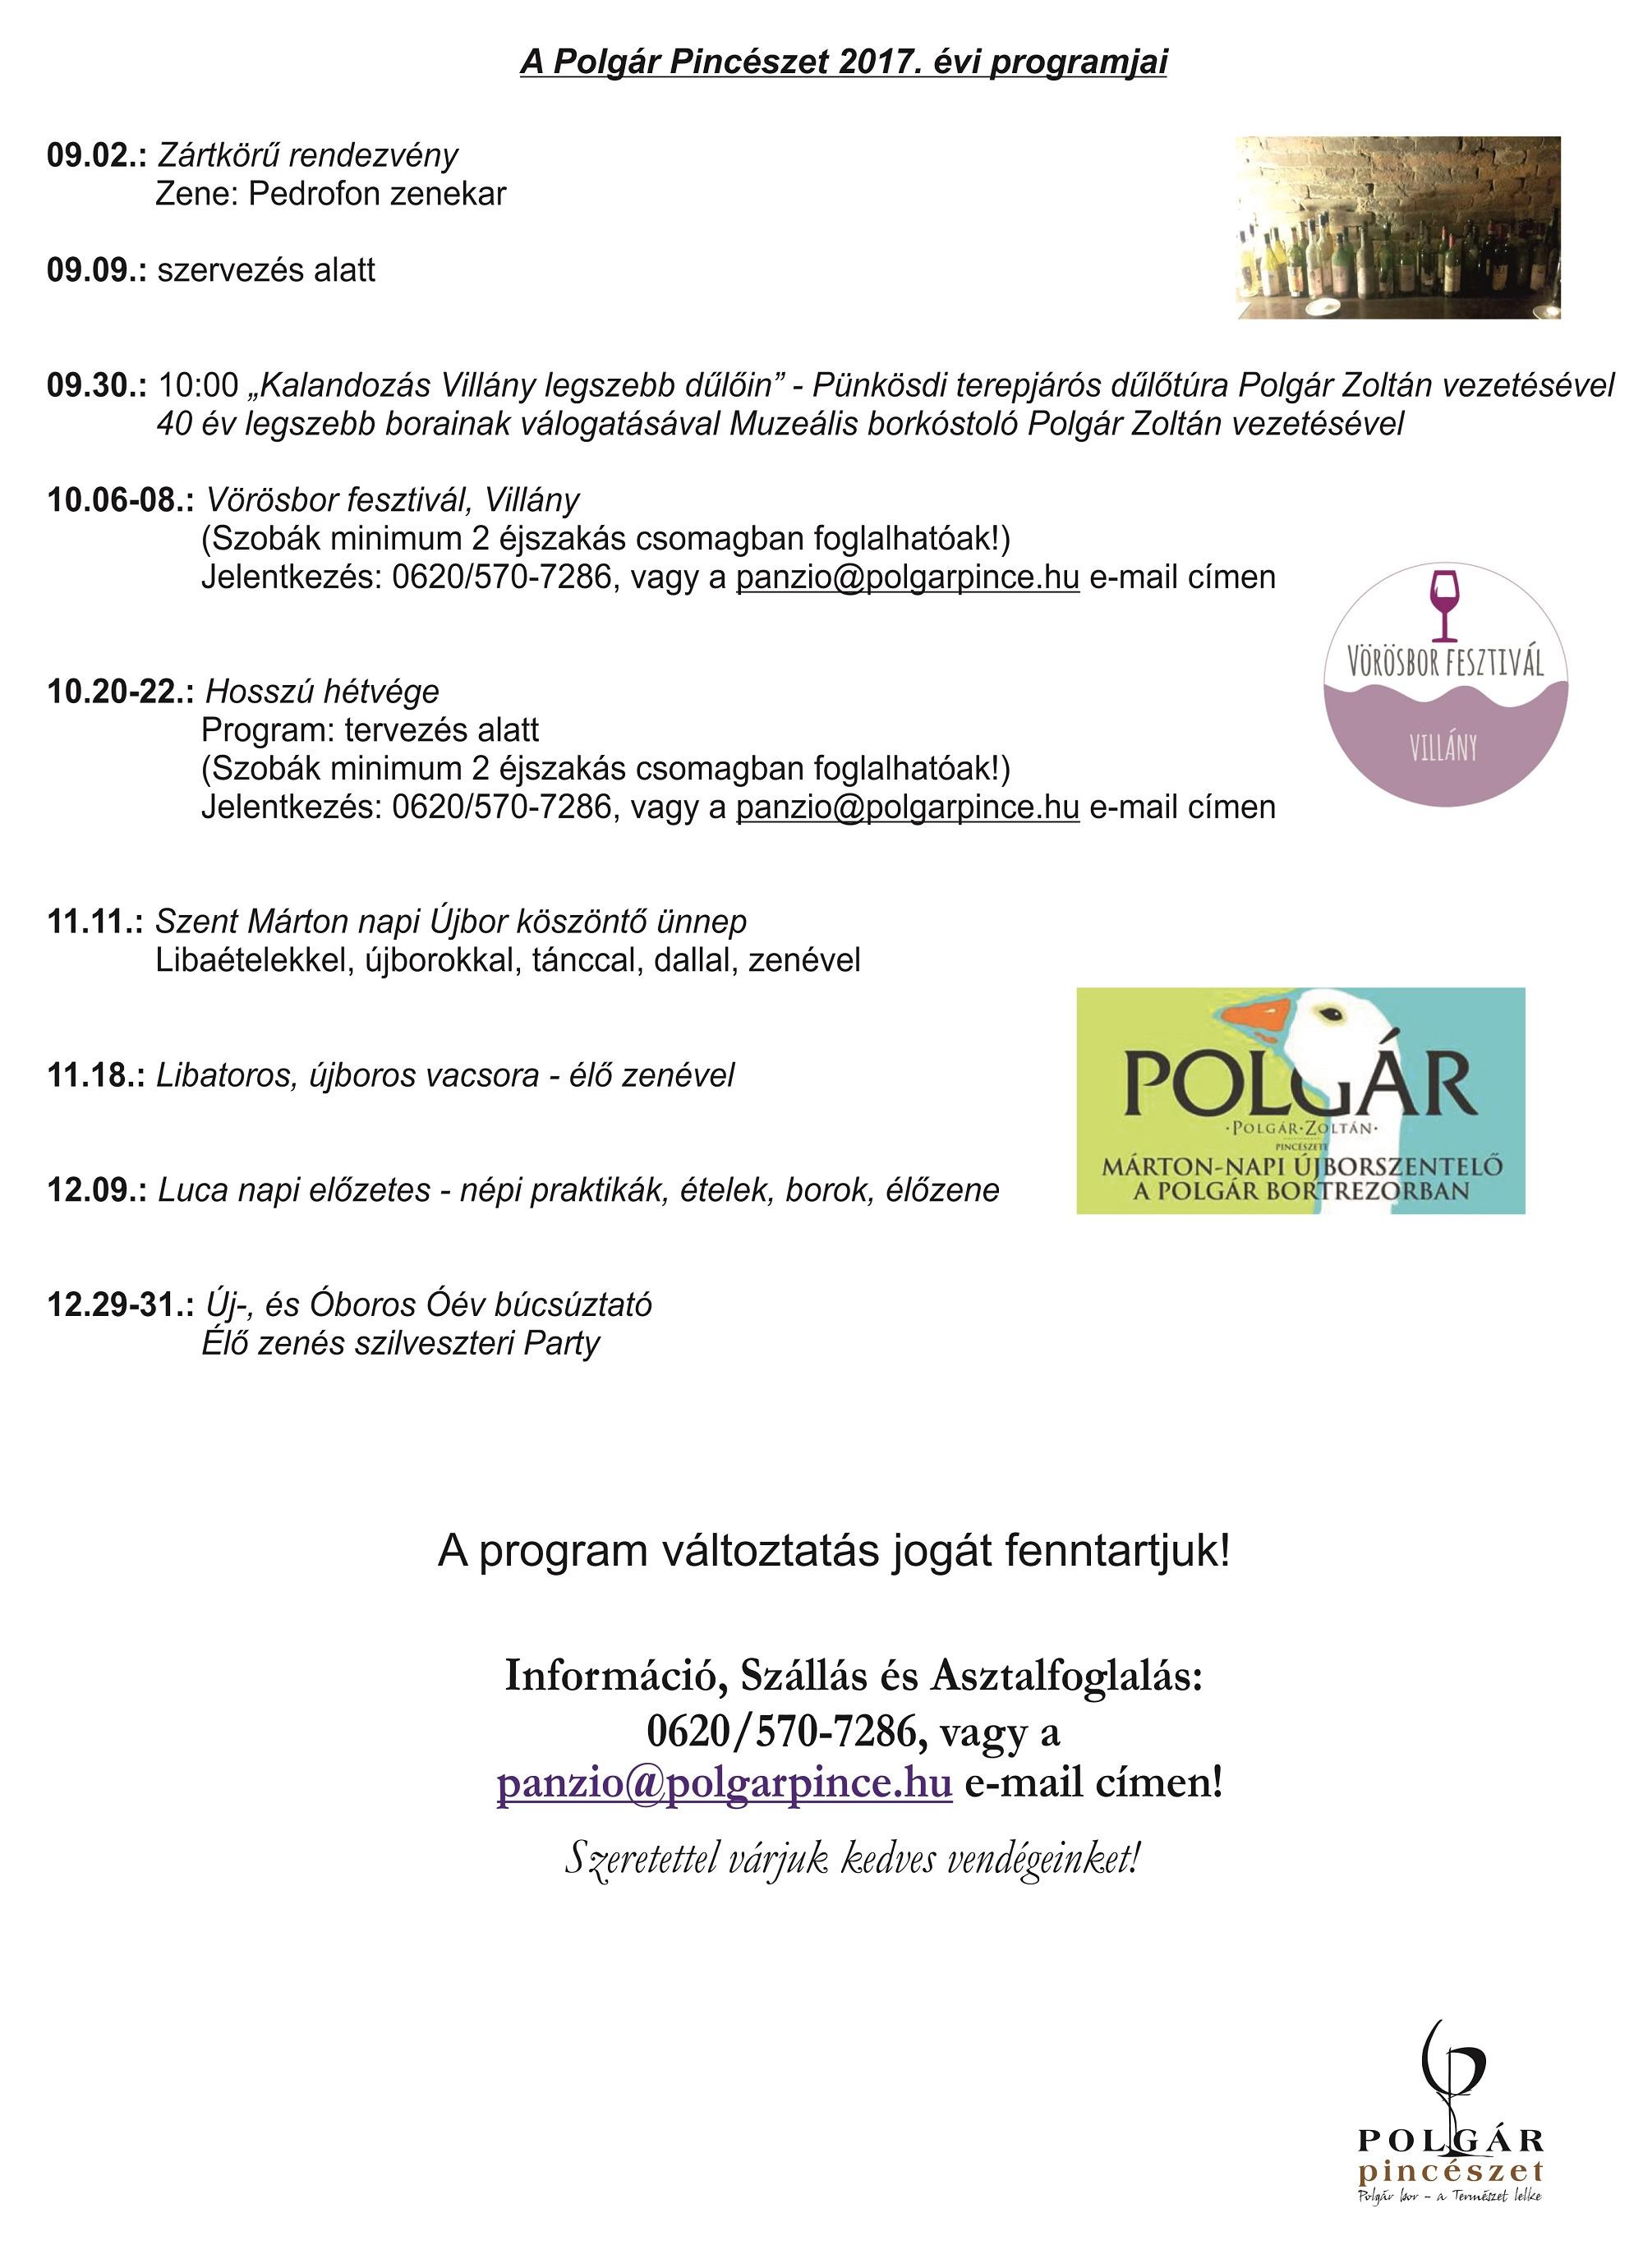 Polgár Pincészet 2017. évi programjai_2